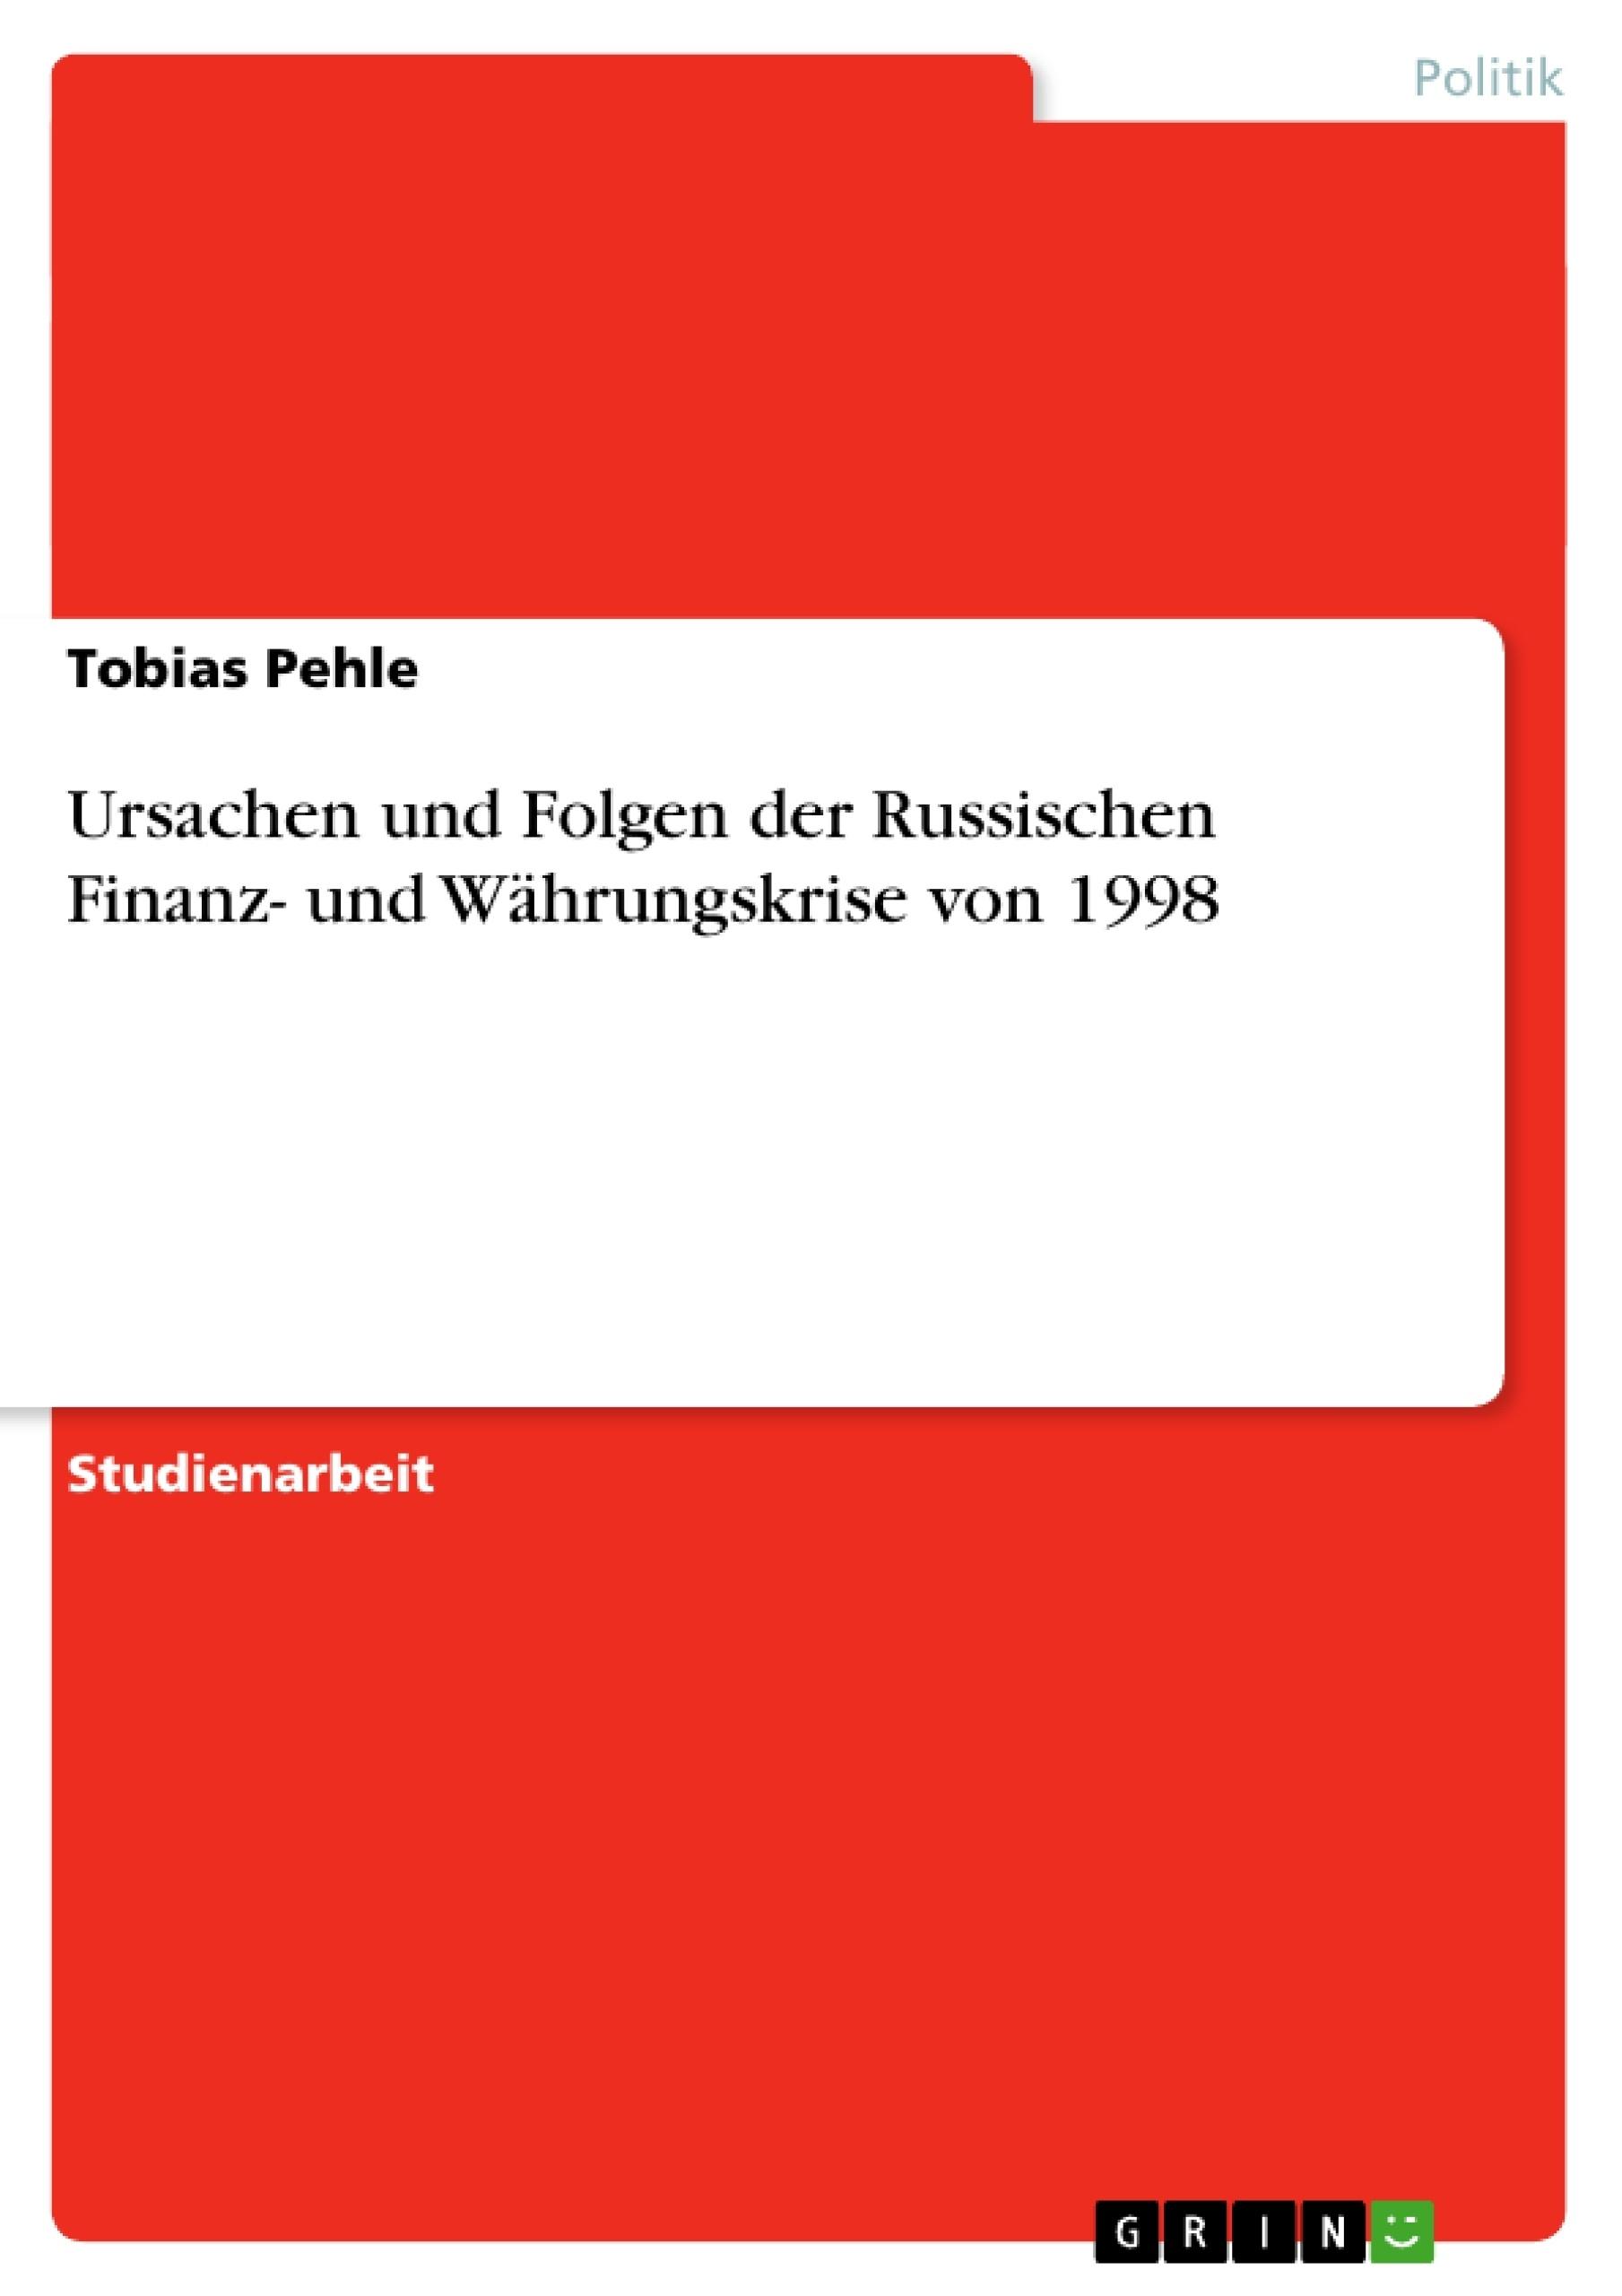 Titel: Ursachen und Folgen der Russischen Finanz- und Währungskrise von 1998